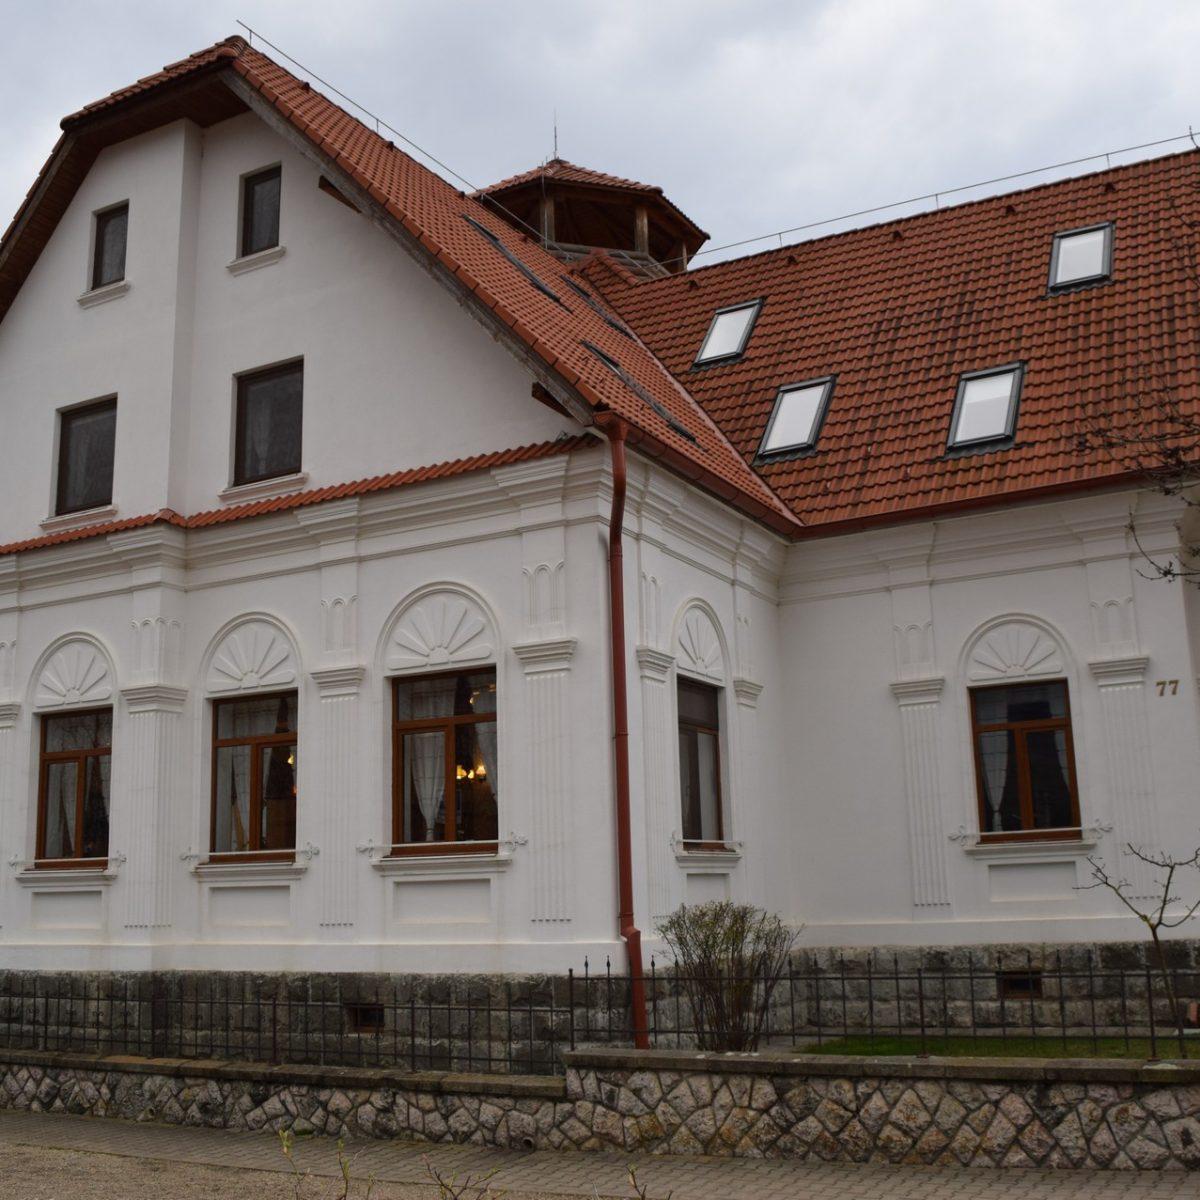 Voyage en Roumanie : Conac Secuiesc